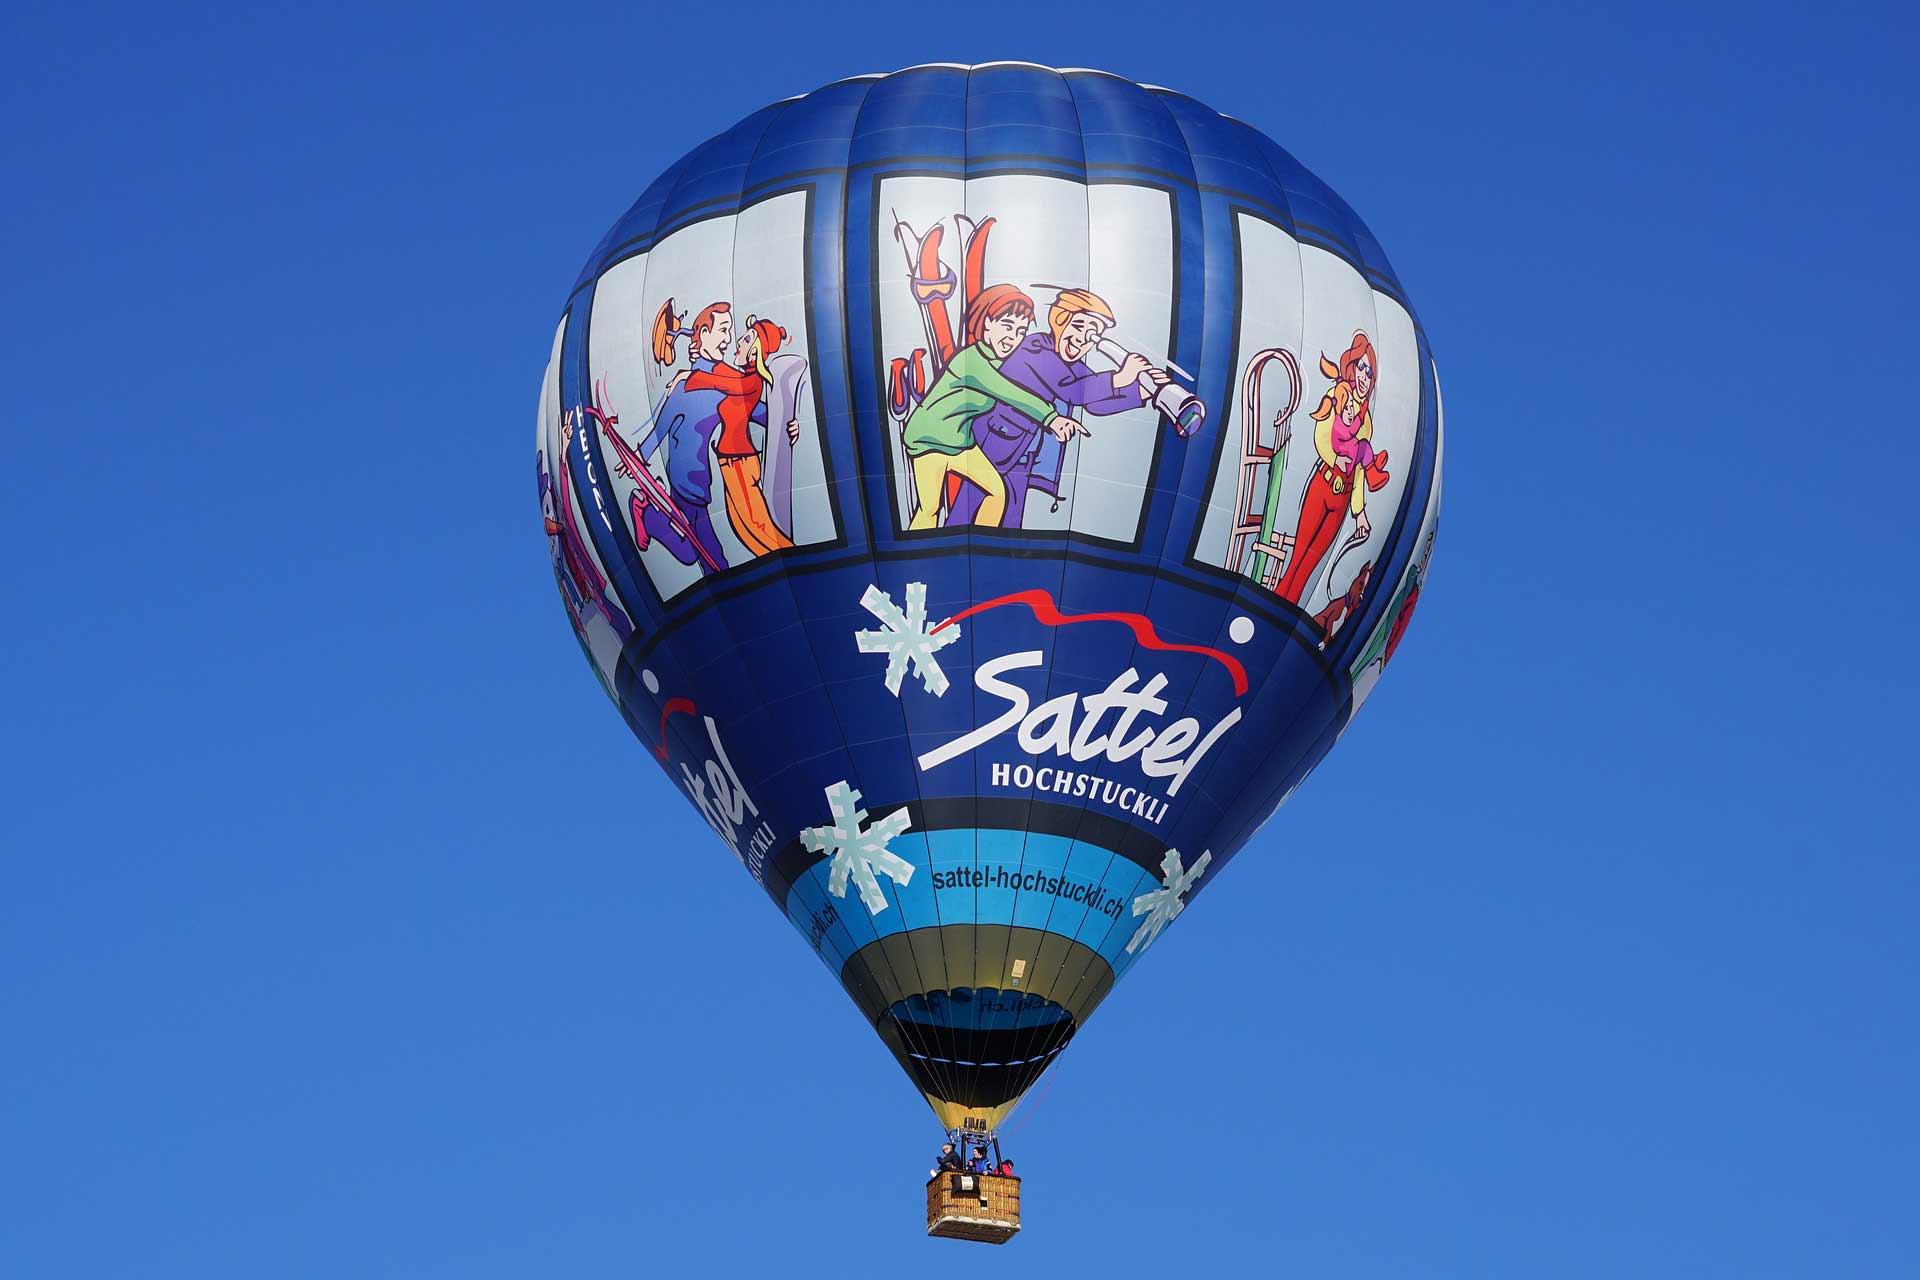 Luchtballon tijdens de Night of the Balloons